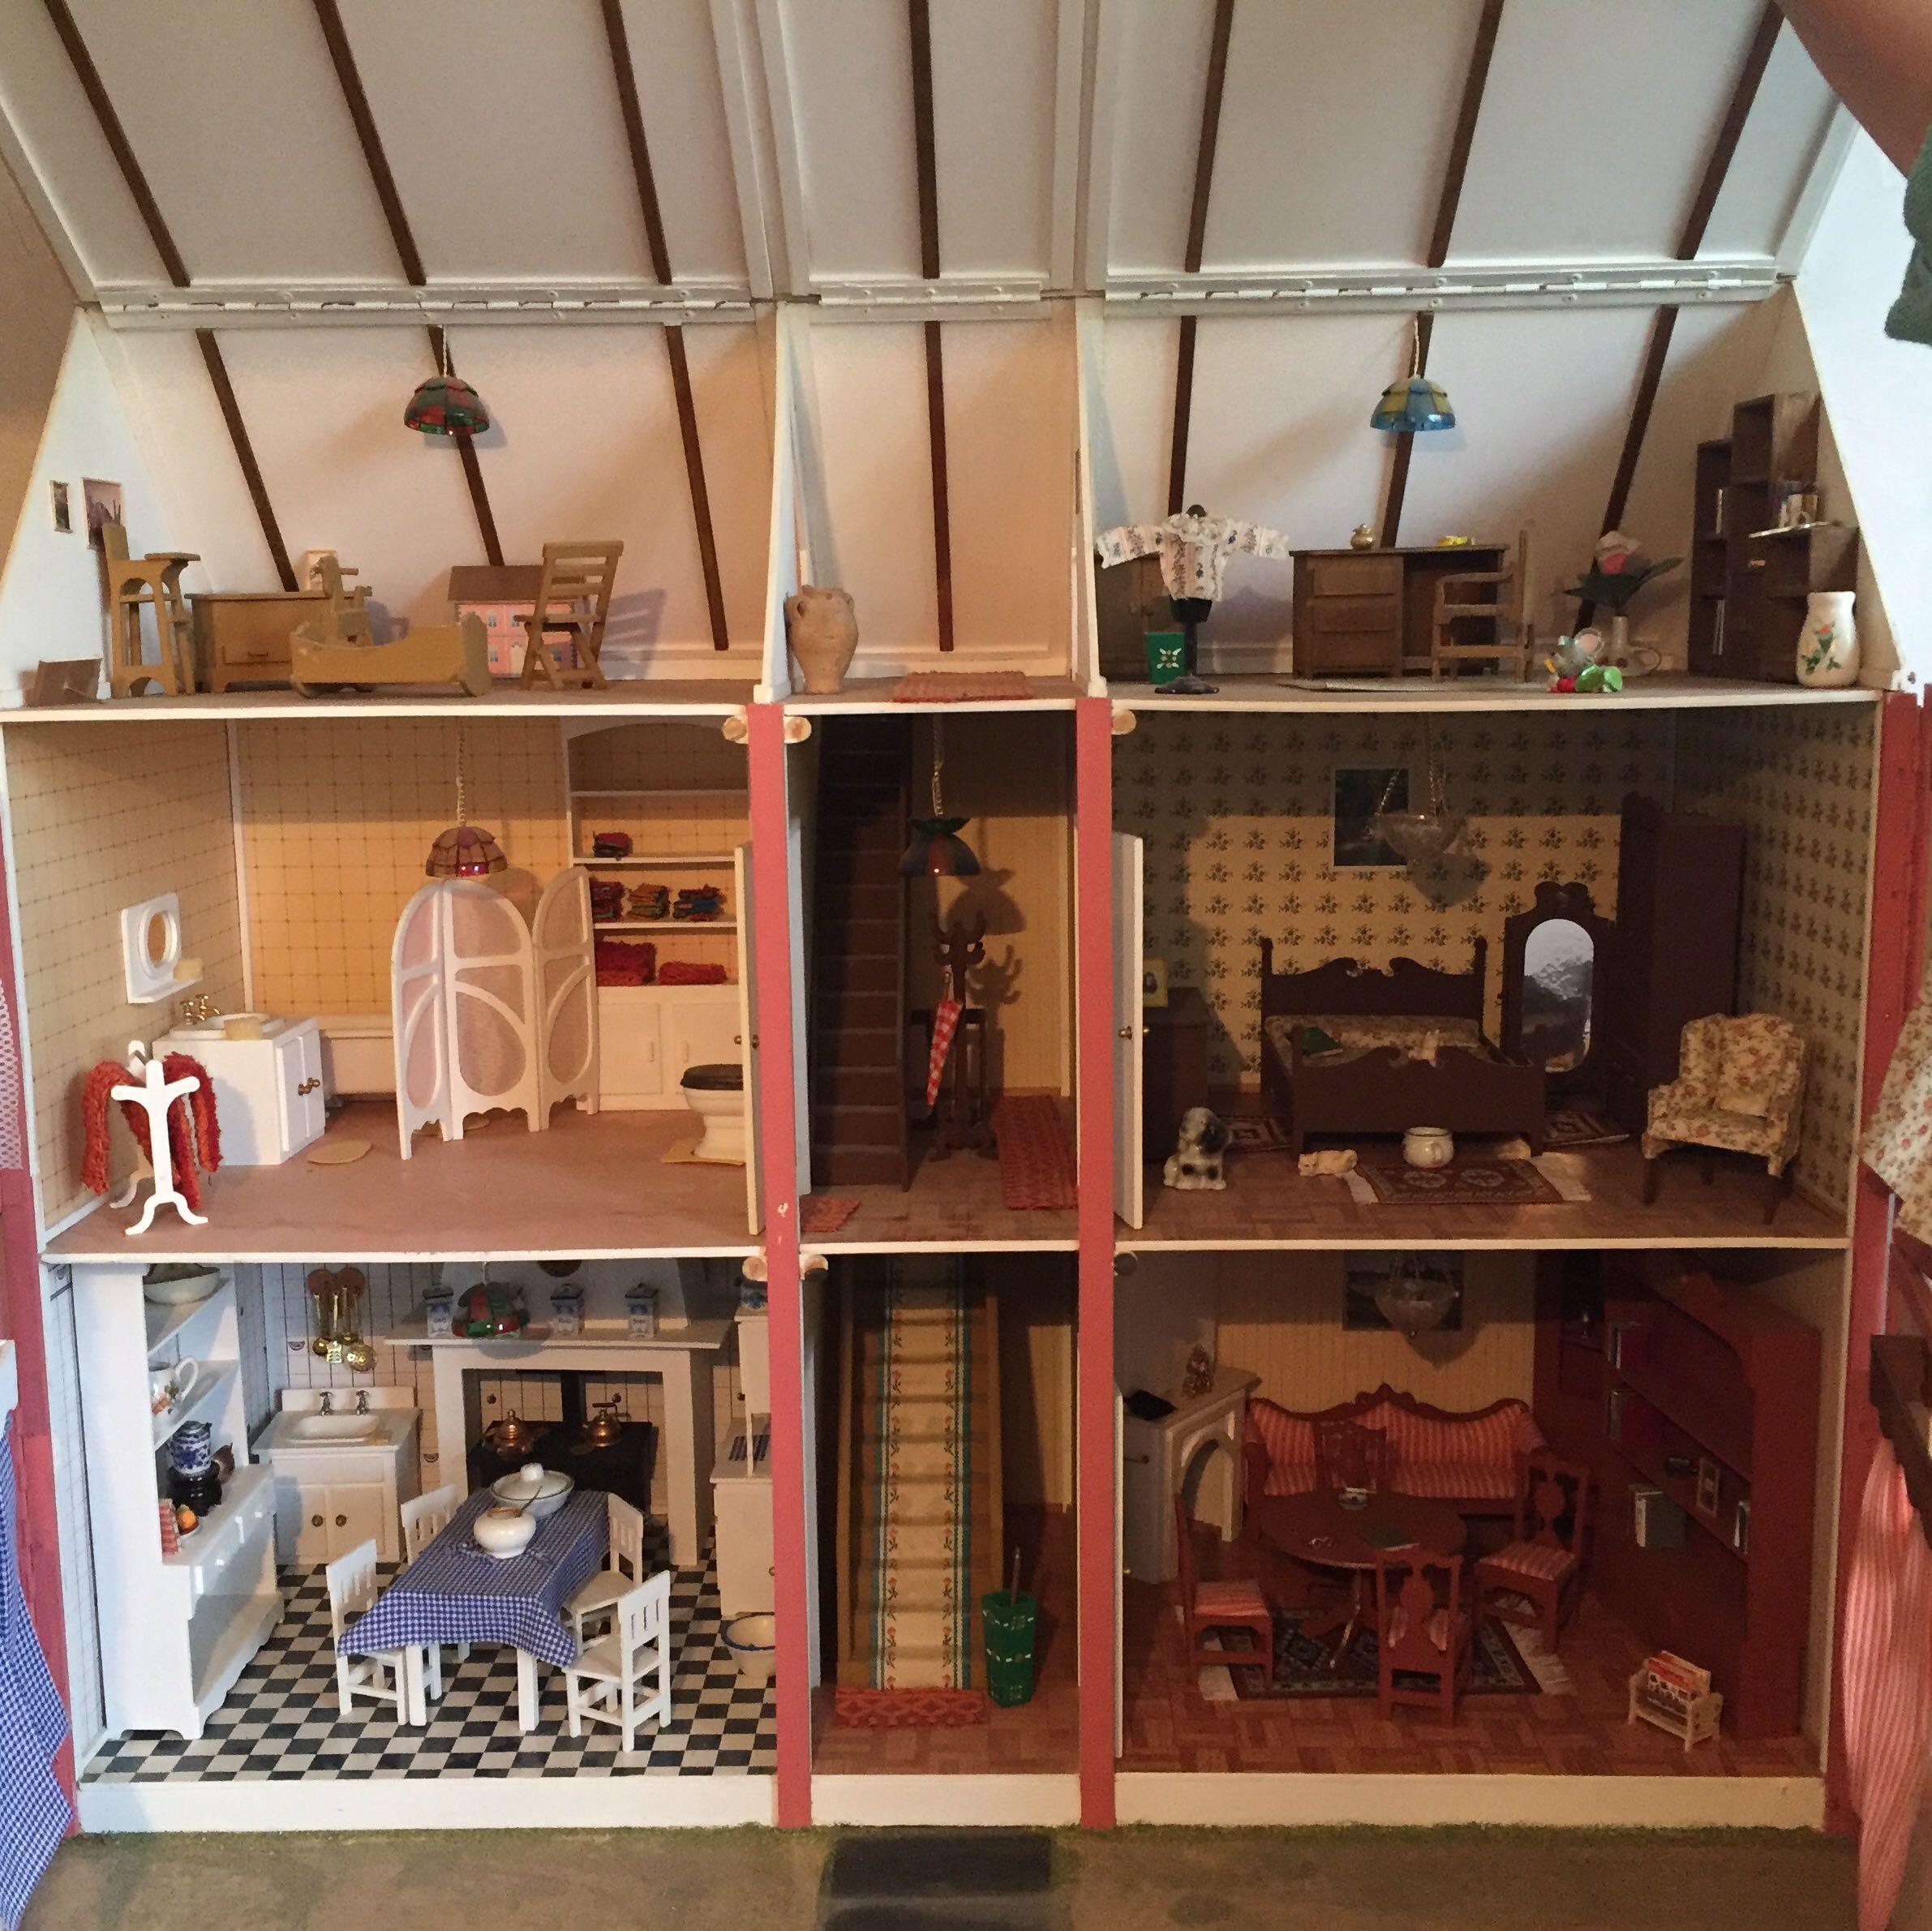 wieviel ist dieses puppenhaus ungef hr wert bausatz miniatur zweist ckig. Black Bedroom Furniture Sets. Home Design Ideas